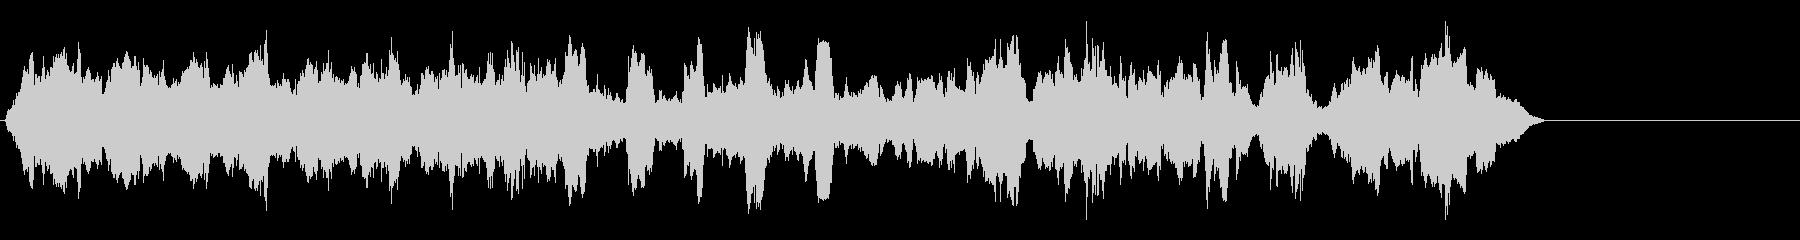 HURDY GURDY:高速、高音...の未再生の波形